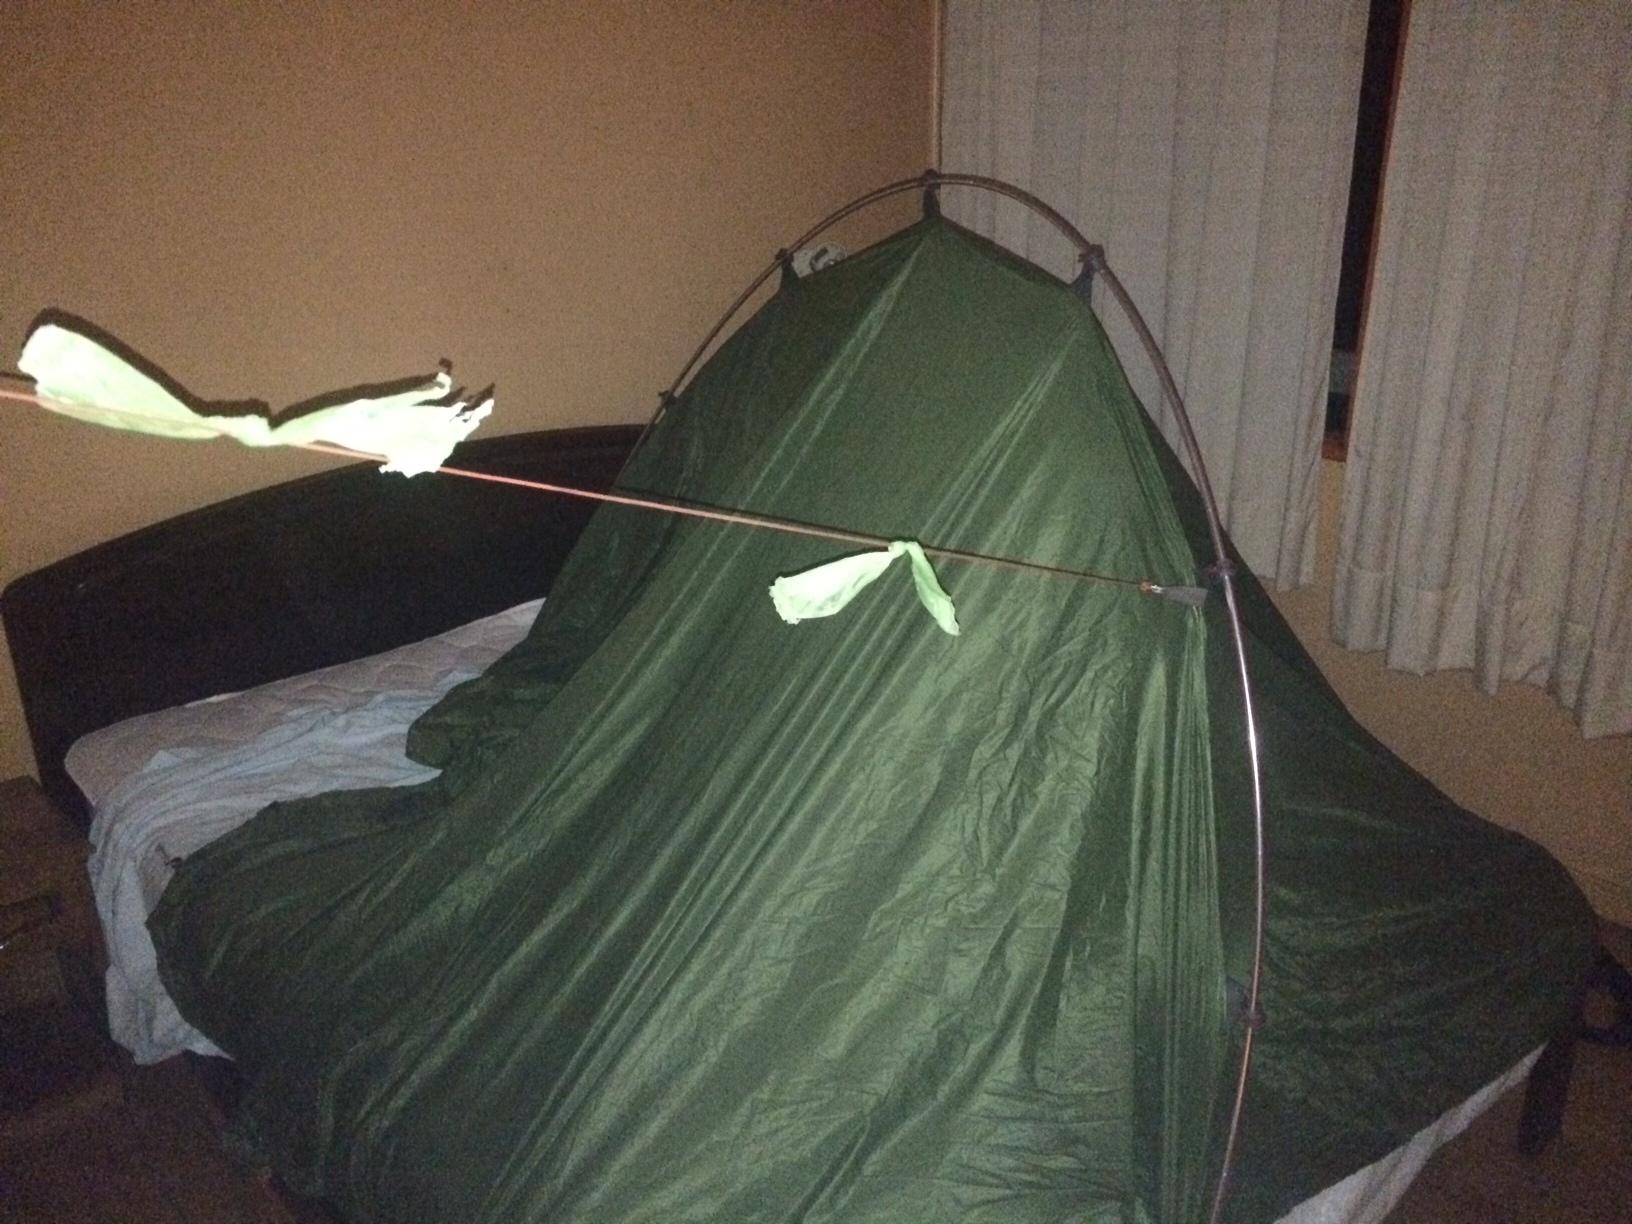 tent op bed ©anitajanssen  Queule - Chili ©anitajanssen